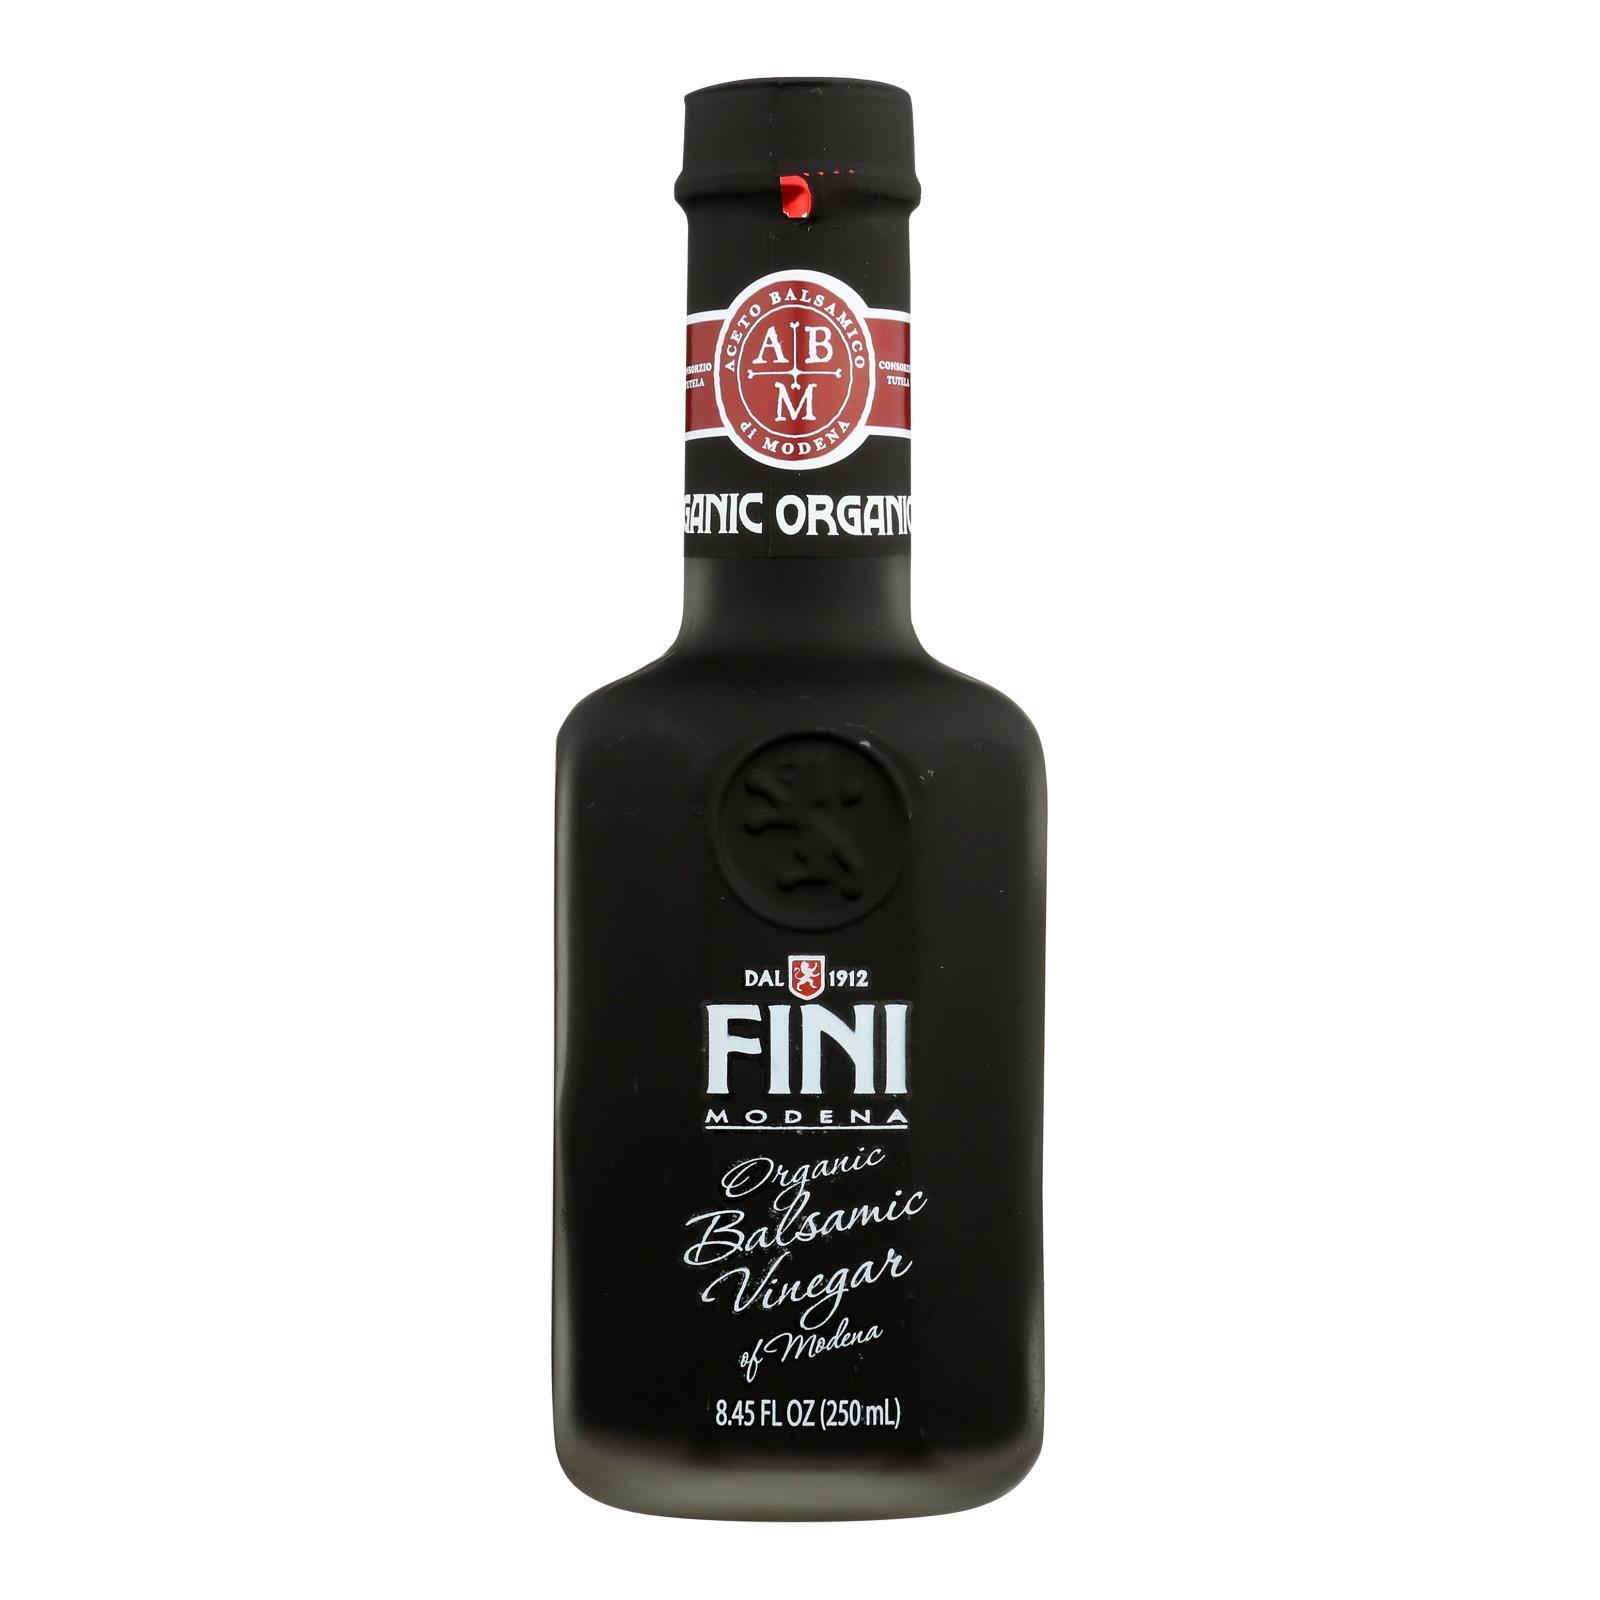 Fini Vinegar Balsamic - Case of 6 - 8.45 Fl oz.